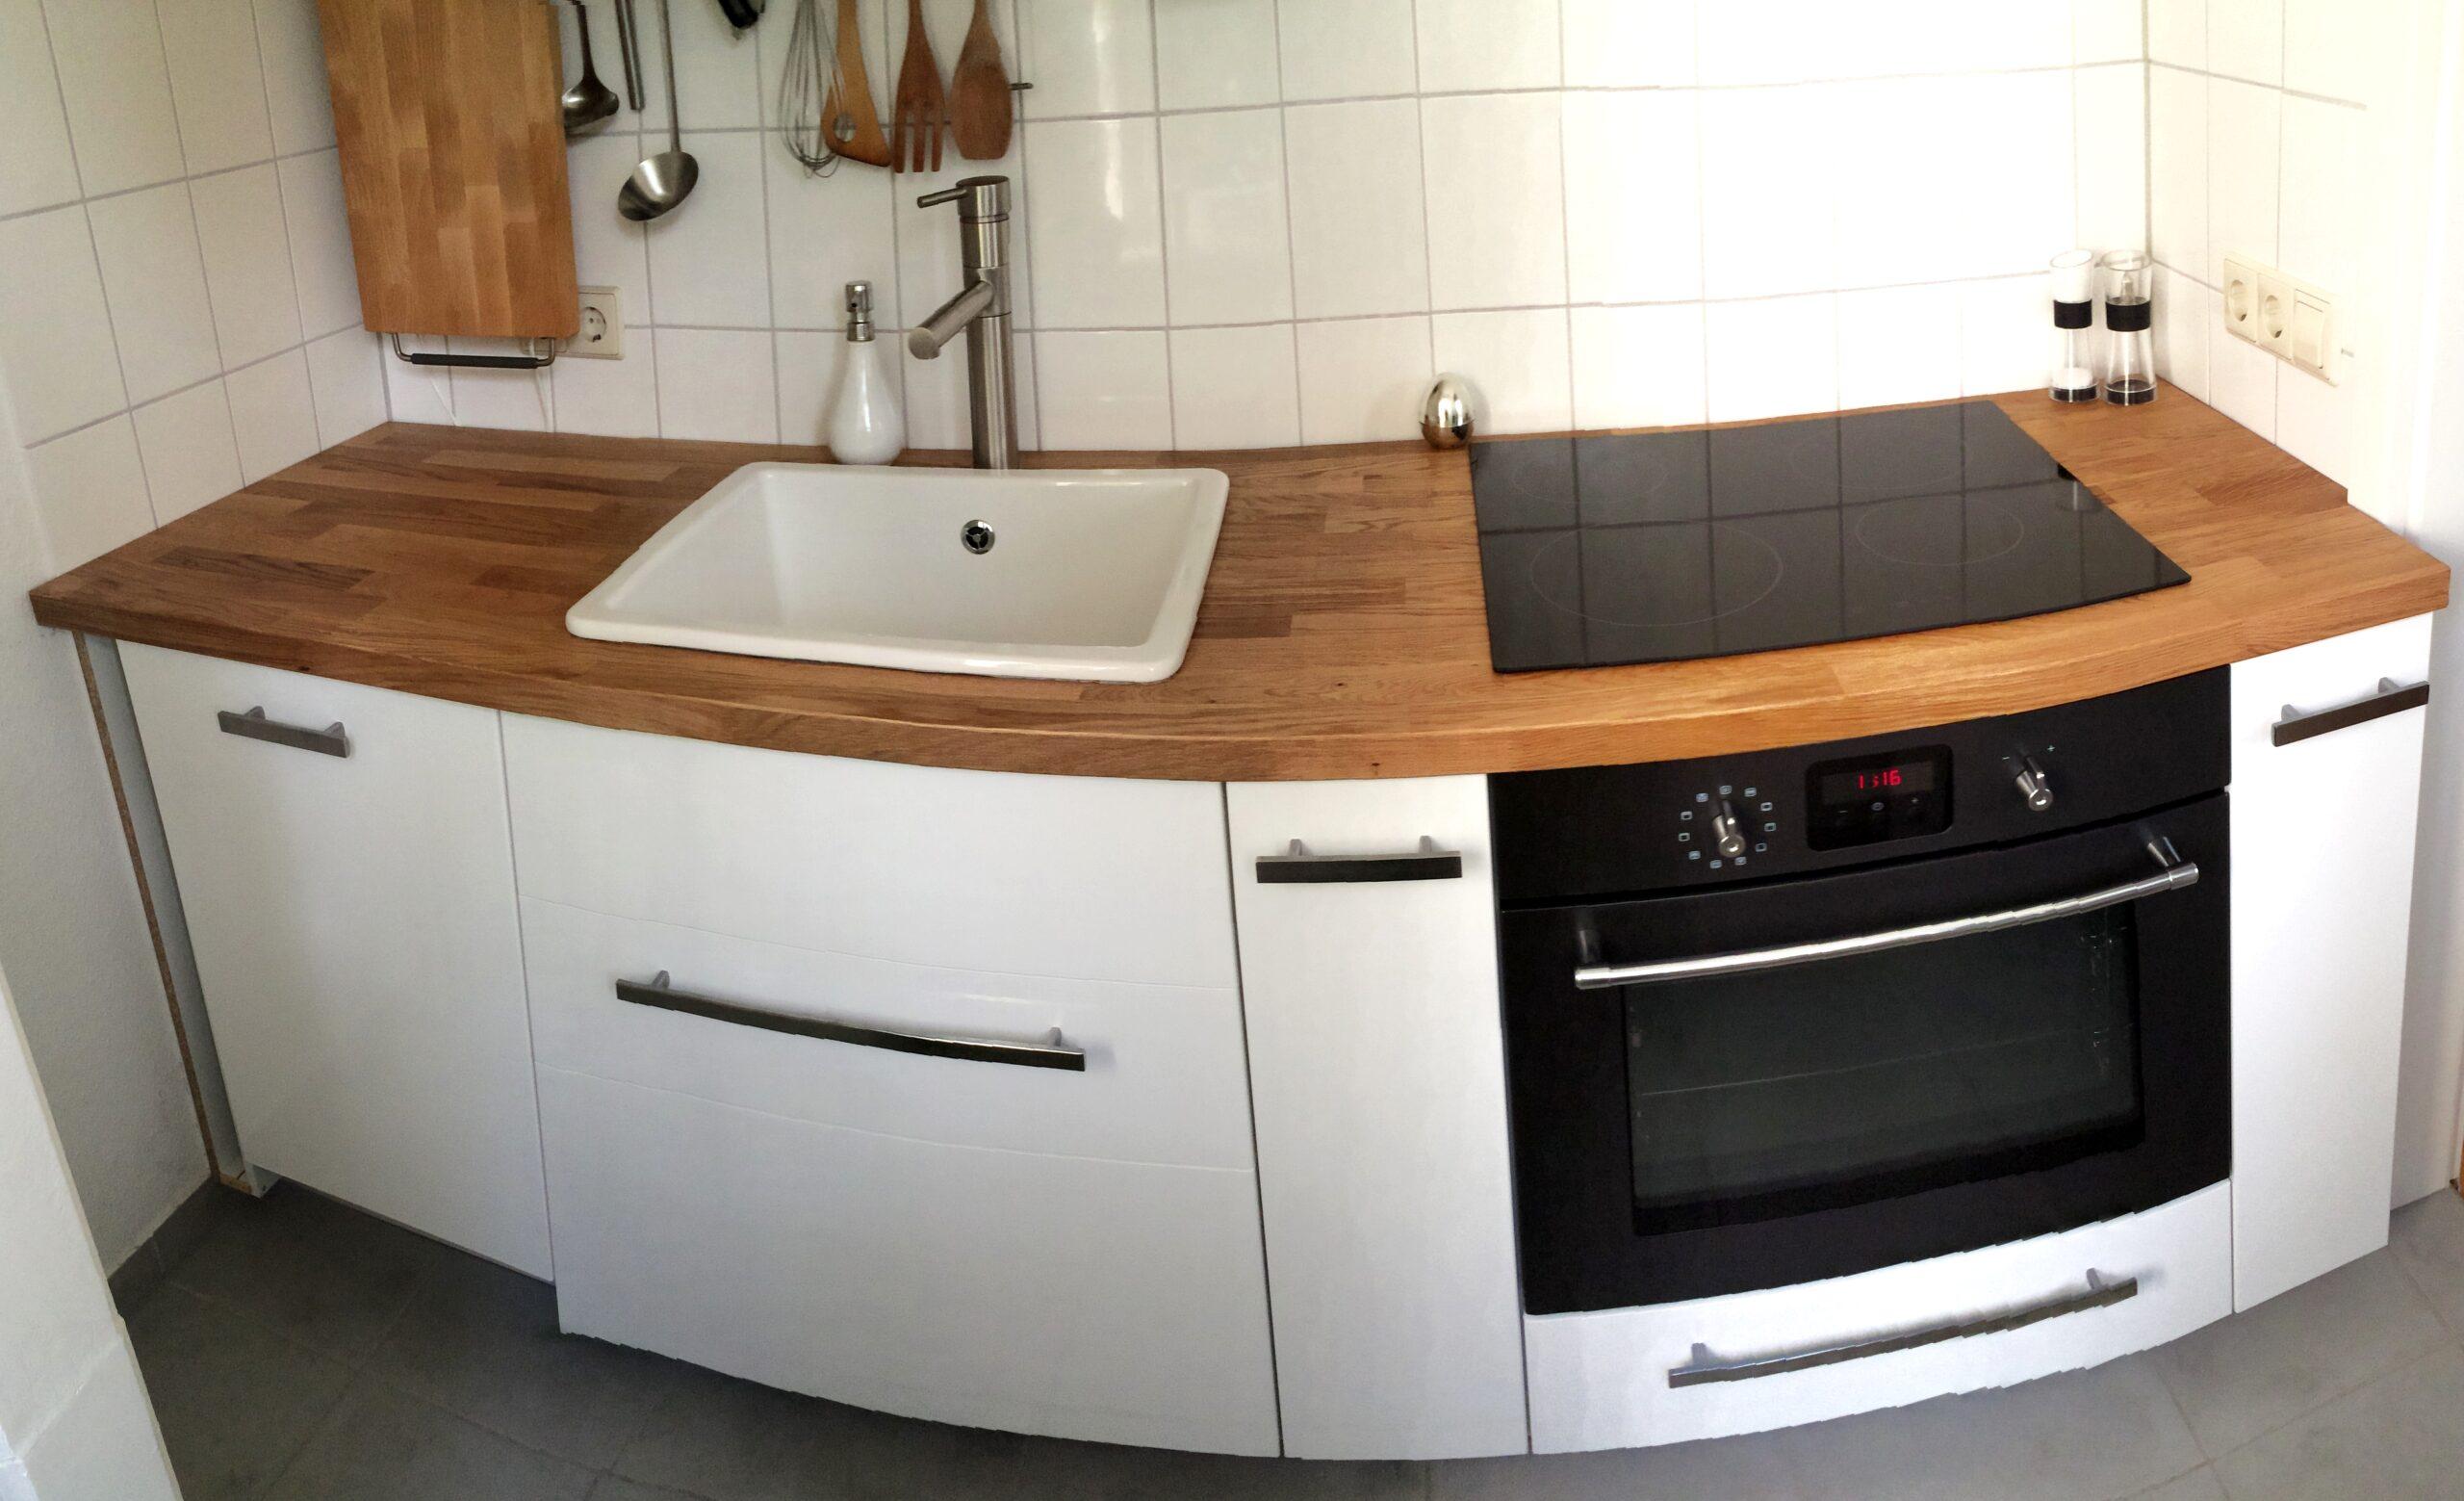 Full Size of Küche Selber Bauen Selbst Zusammenstellen Armaturen Modulküche Ikea Hochglanz Grau Blende Arbeitsschuhe Landhaus Arbeitsplatte Wandverkleidung Ohne Wohnzimmer Küche Selber Bauen